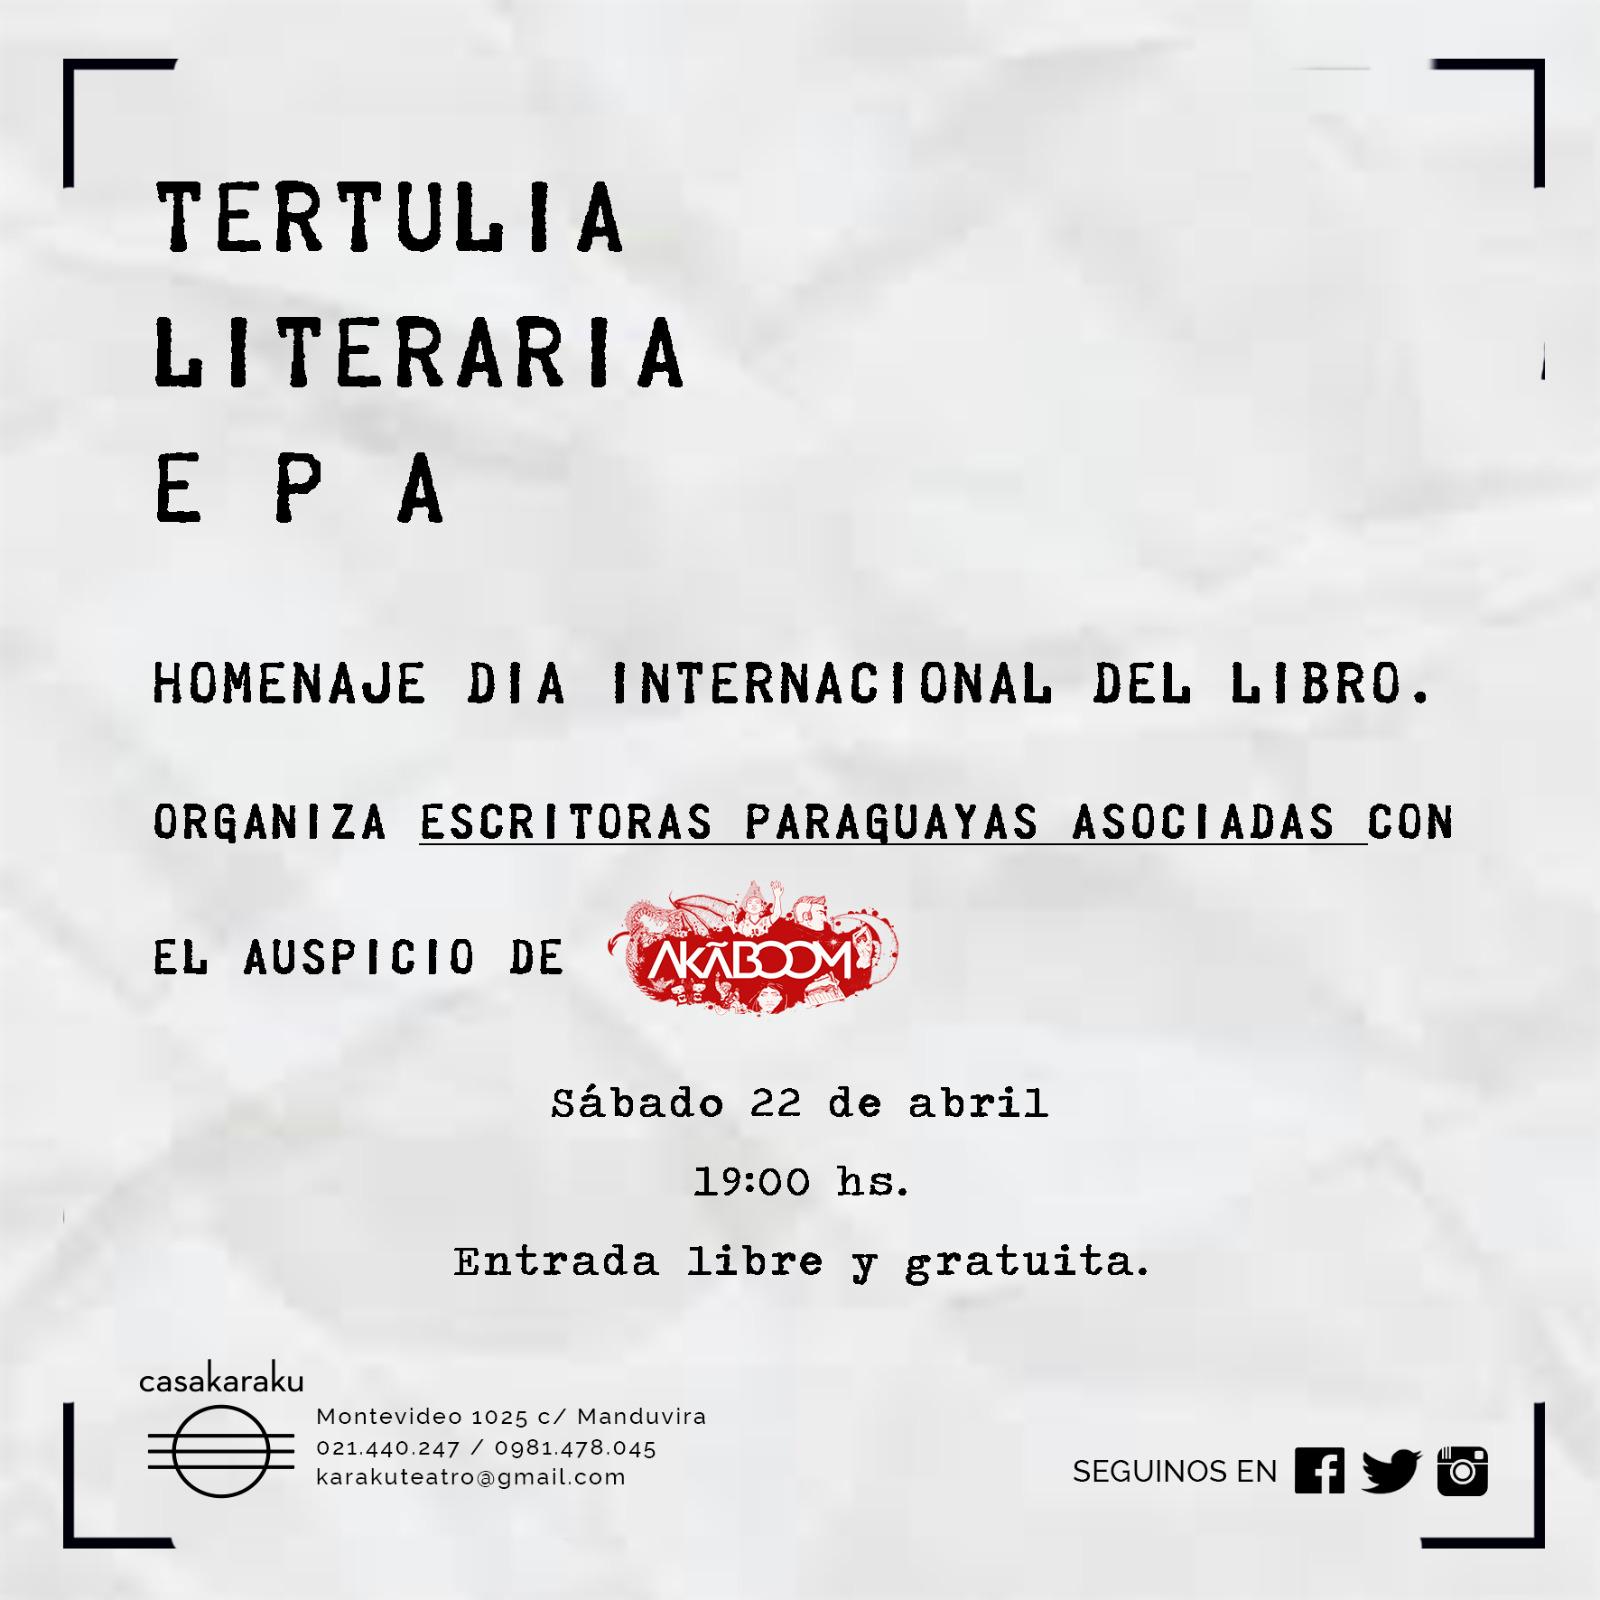 Escritoras organizan tertulia literaria en homenaje al día internacional del libro imagen